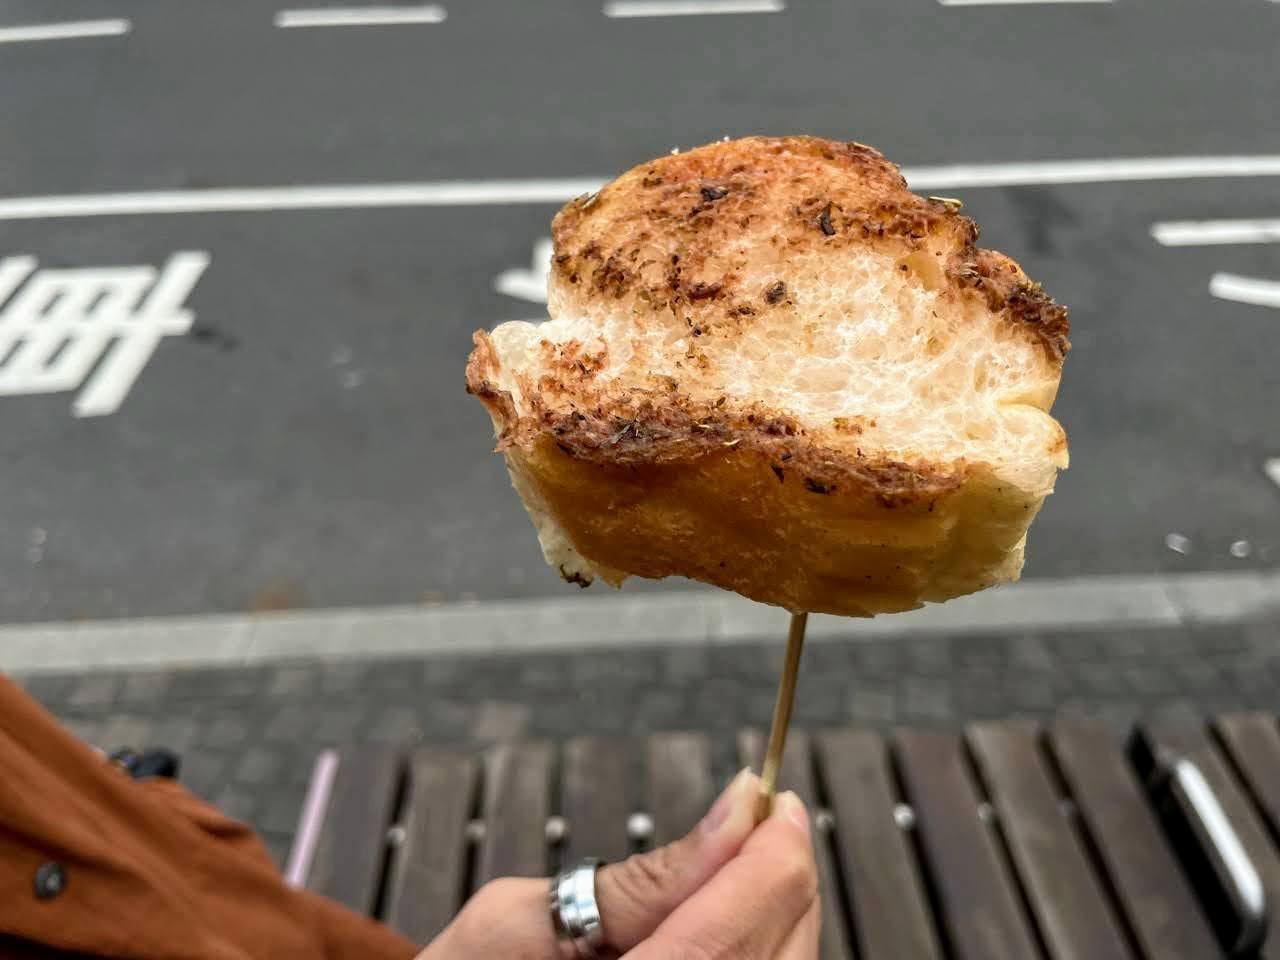 咖哩道場-肉類燒烤專門 / 口齒留香的法式鴨胸 / 鮮嫩噴汁的義式櫛瓜 / 台南中西區